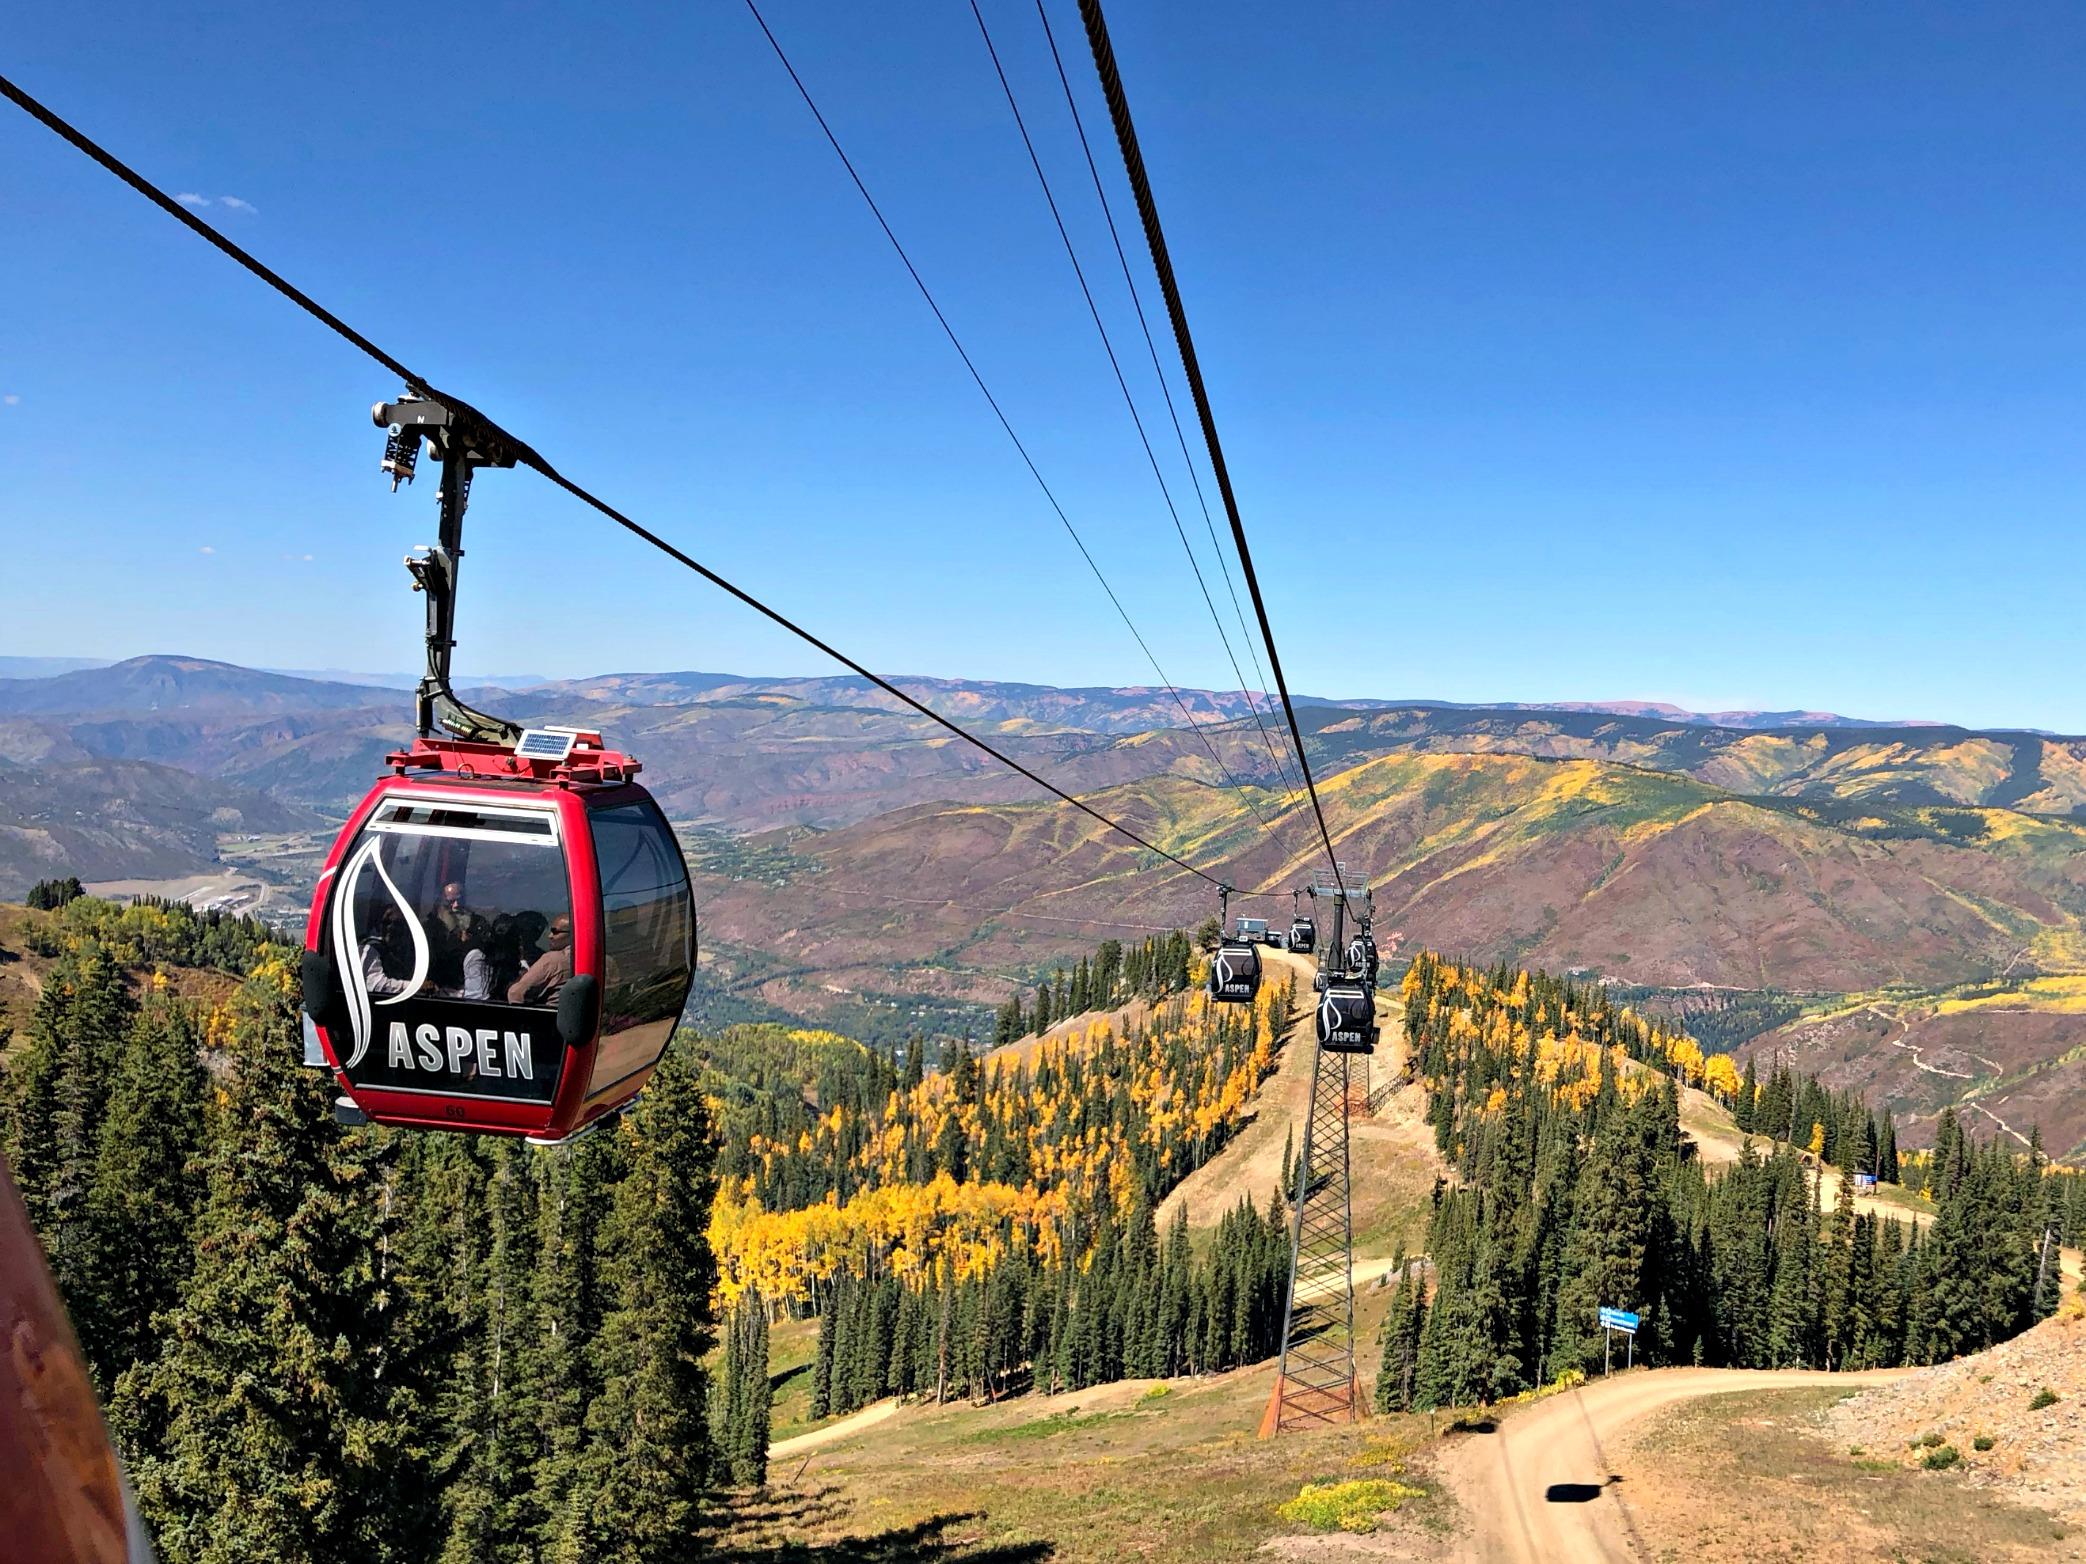 silver-queen-gondola-aspen-fall-colors